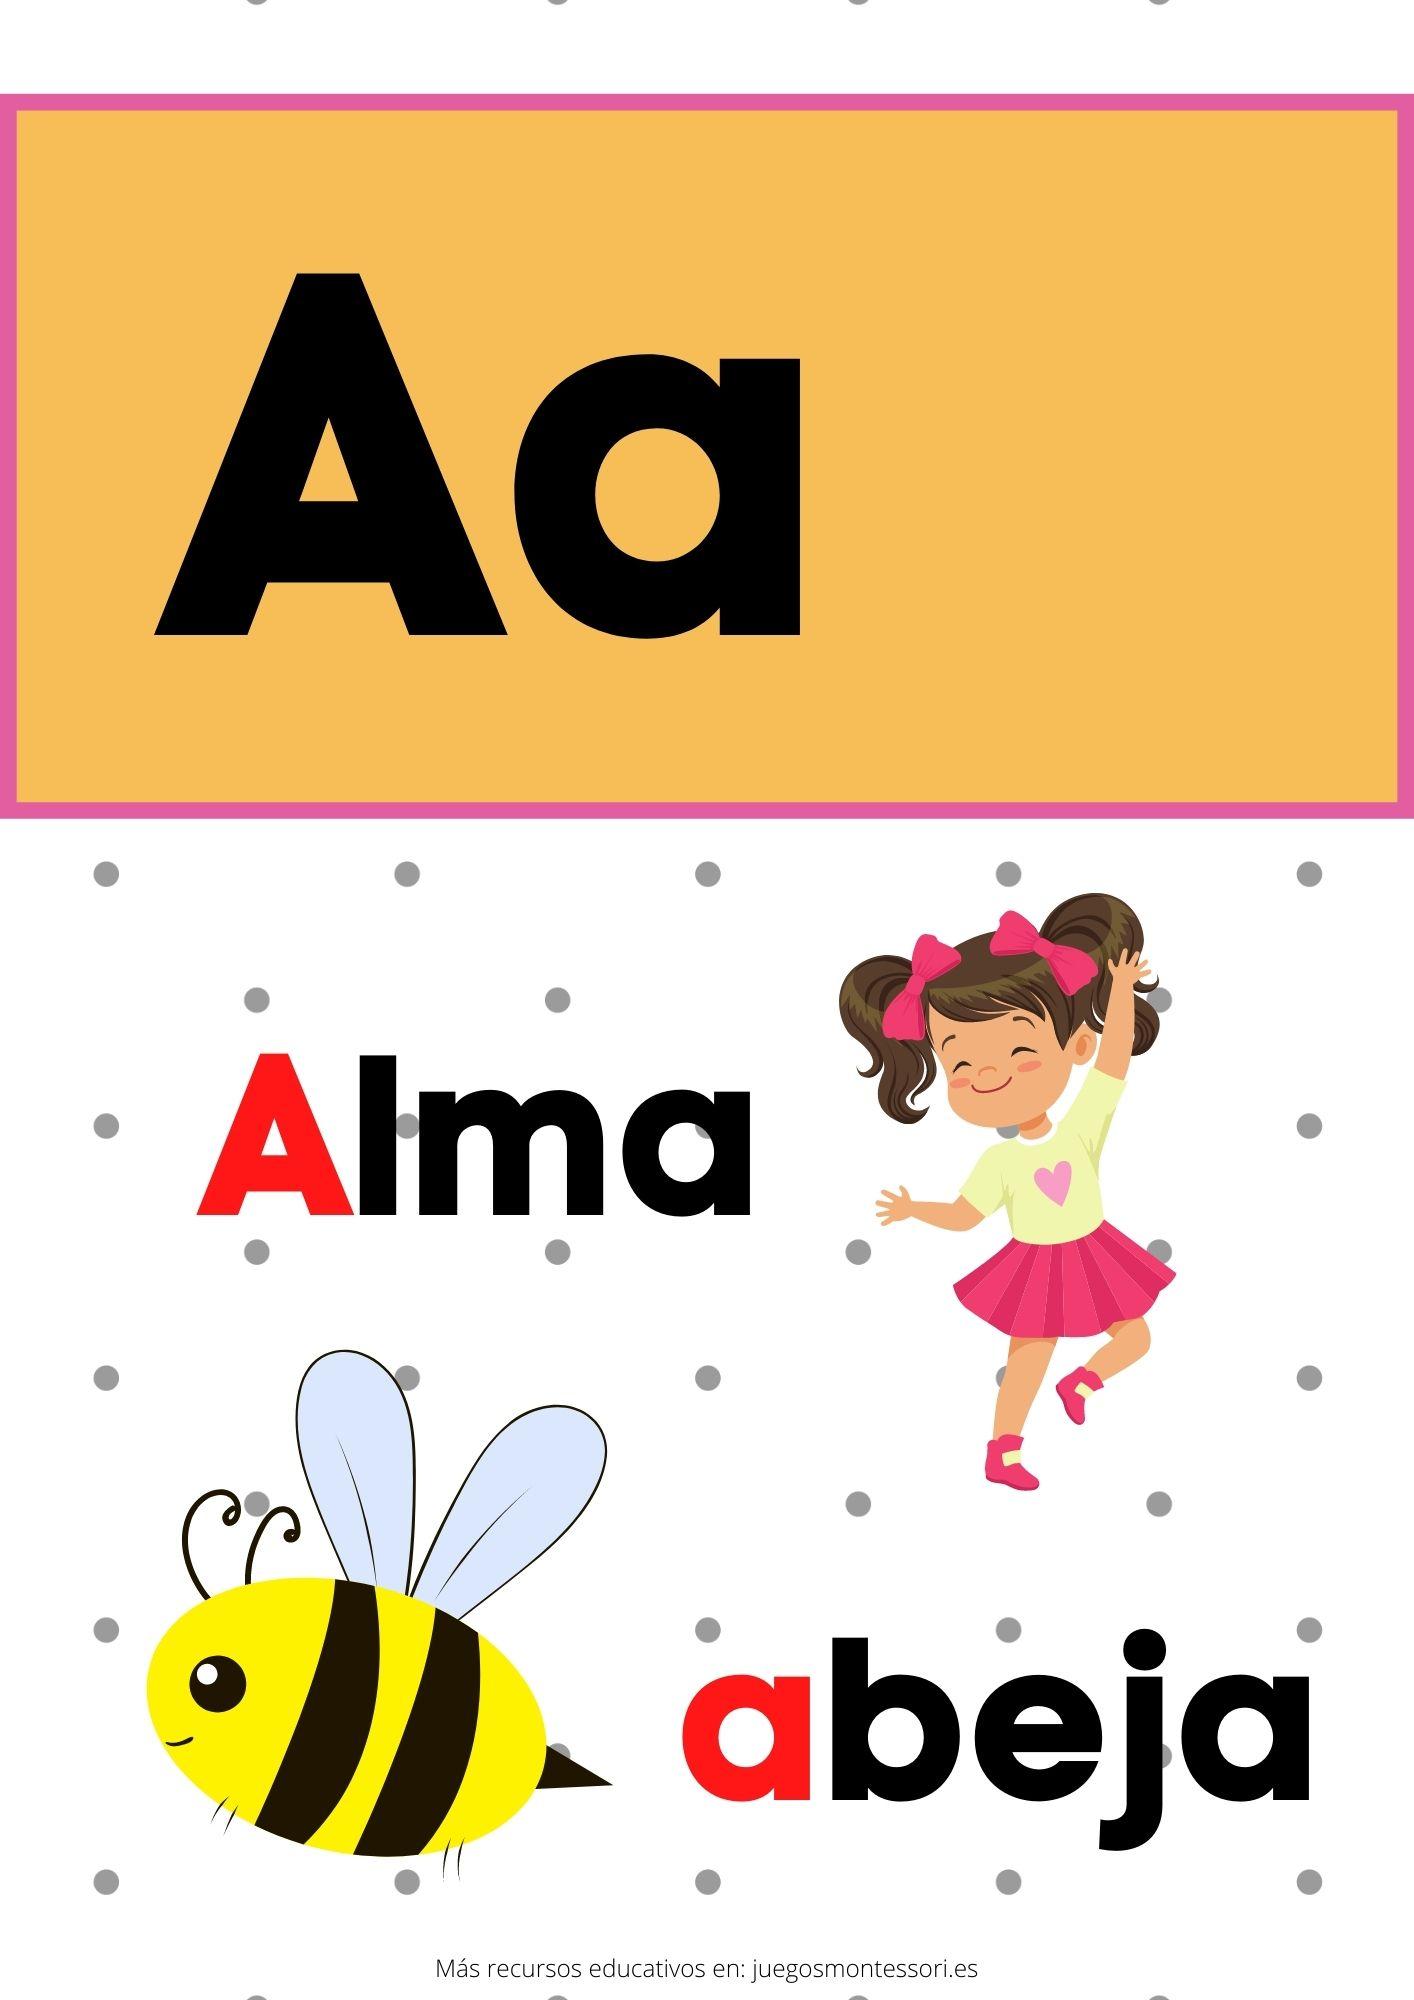 A abecedario letras separadas y grandes